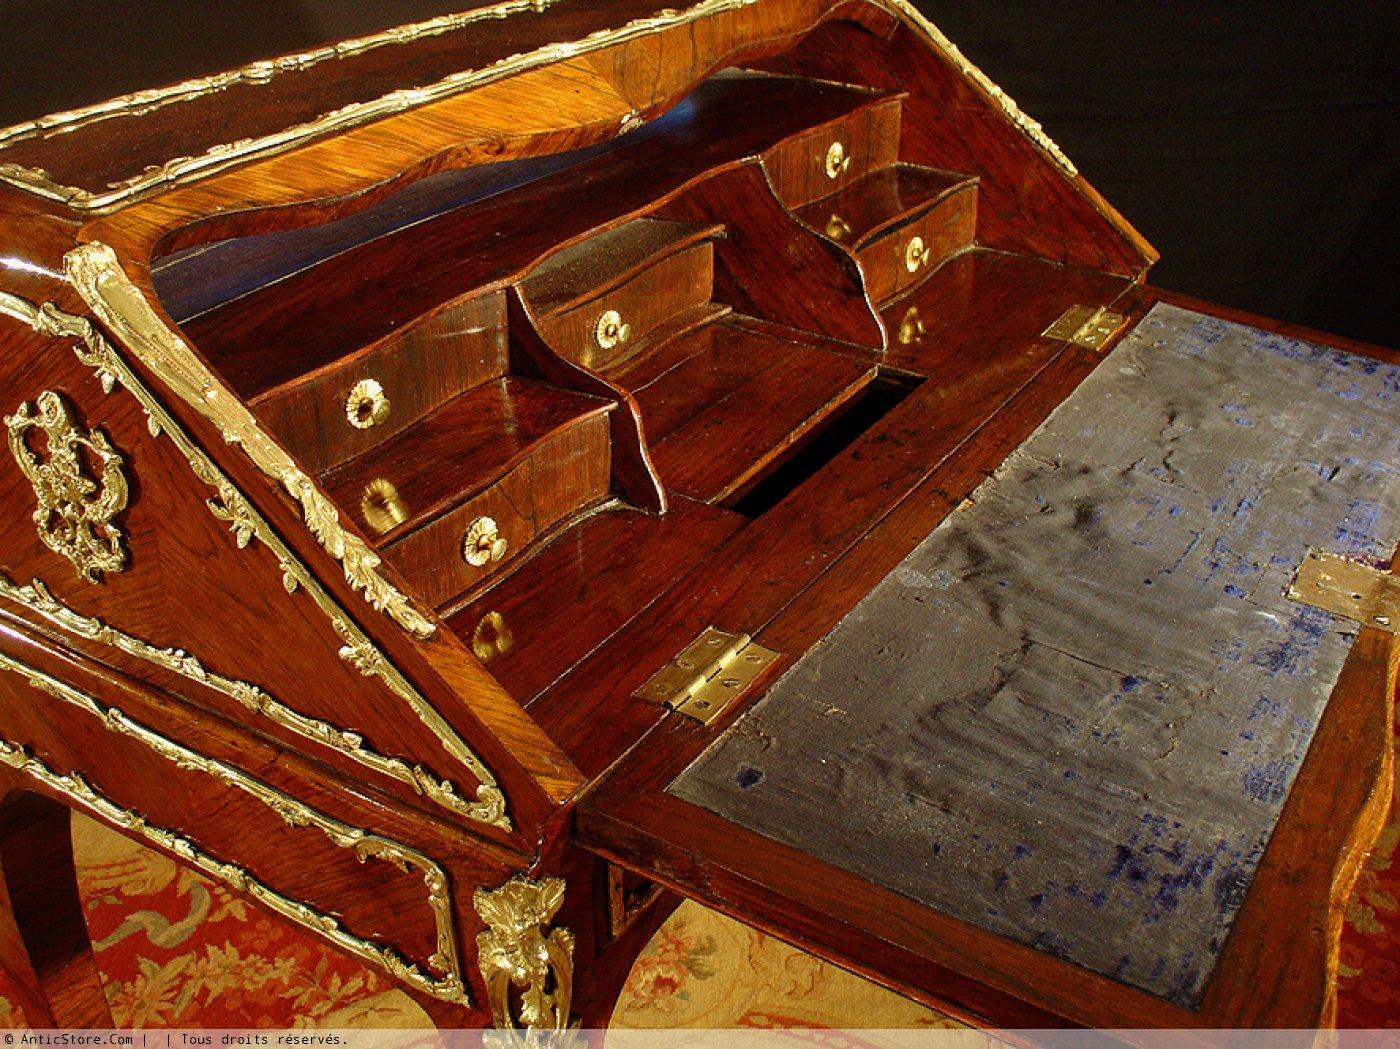 bureau de pente xviiie louis xv paris anticstore antiquit s 18 me si cle r. Black Bedroom Furniture Sets. Home Design Ideas